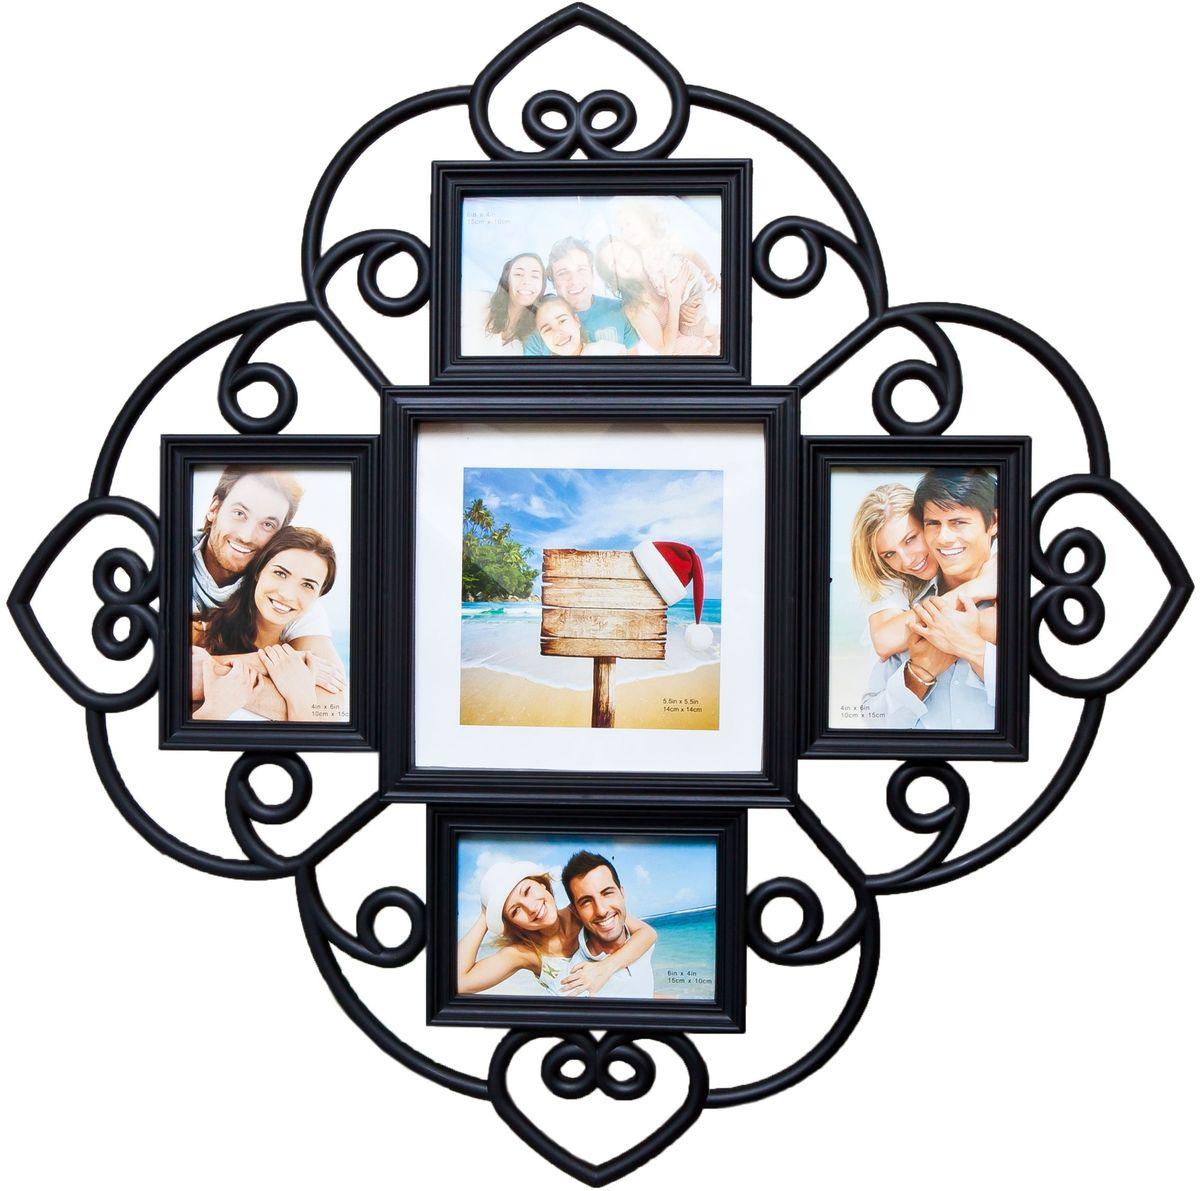 деревянные рамки для фотографий на стену разгадать загадку обращайте